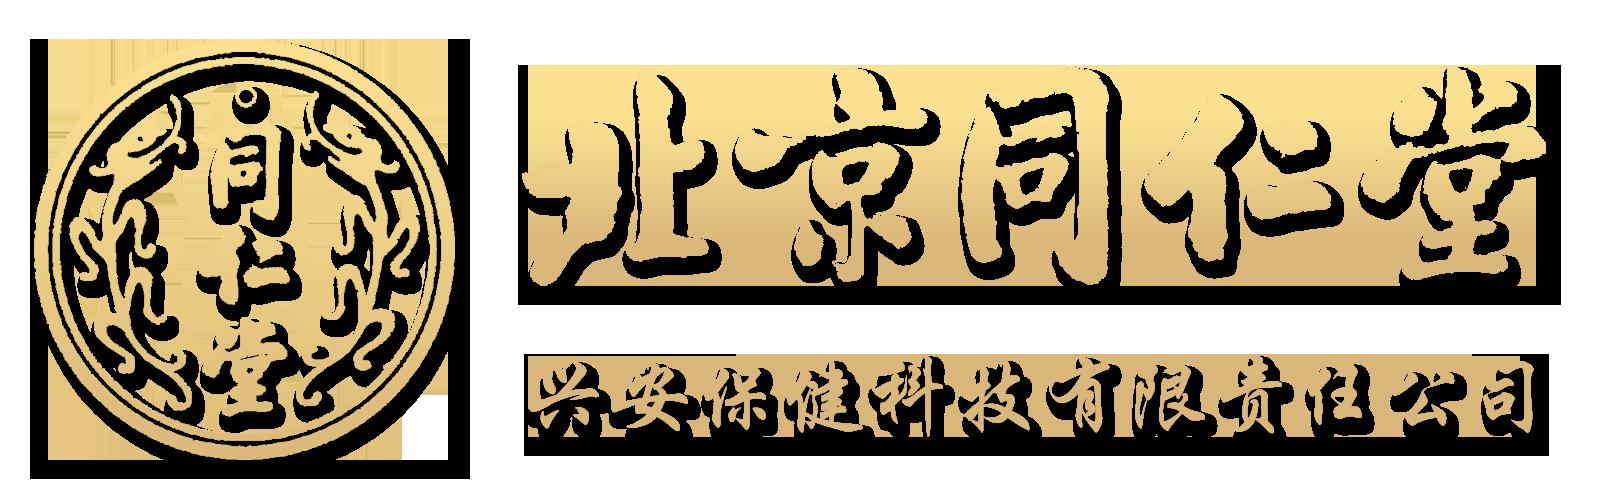 北京同仁堂兴安保健科技有限责任公司